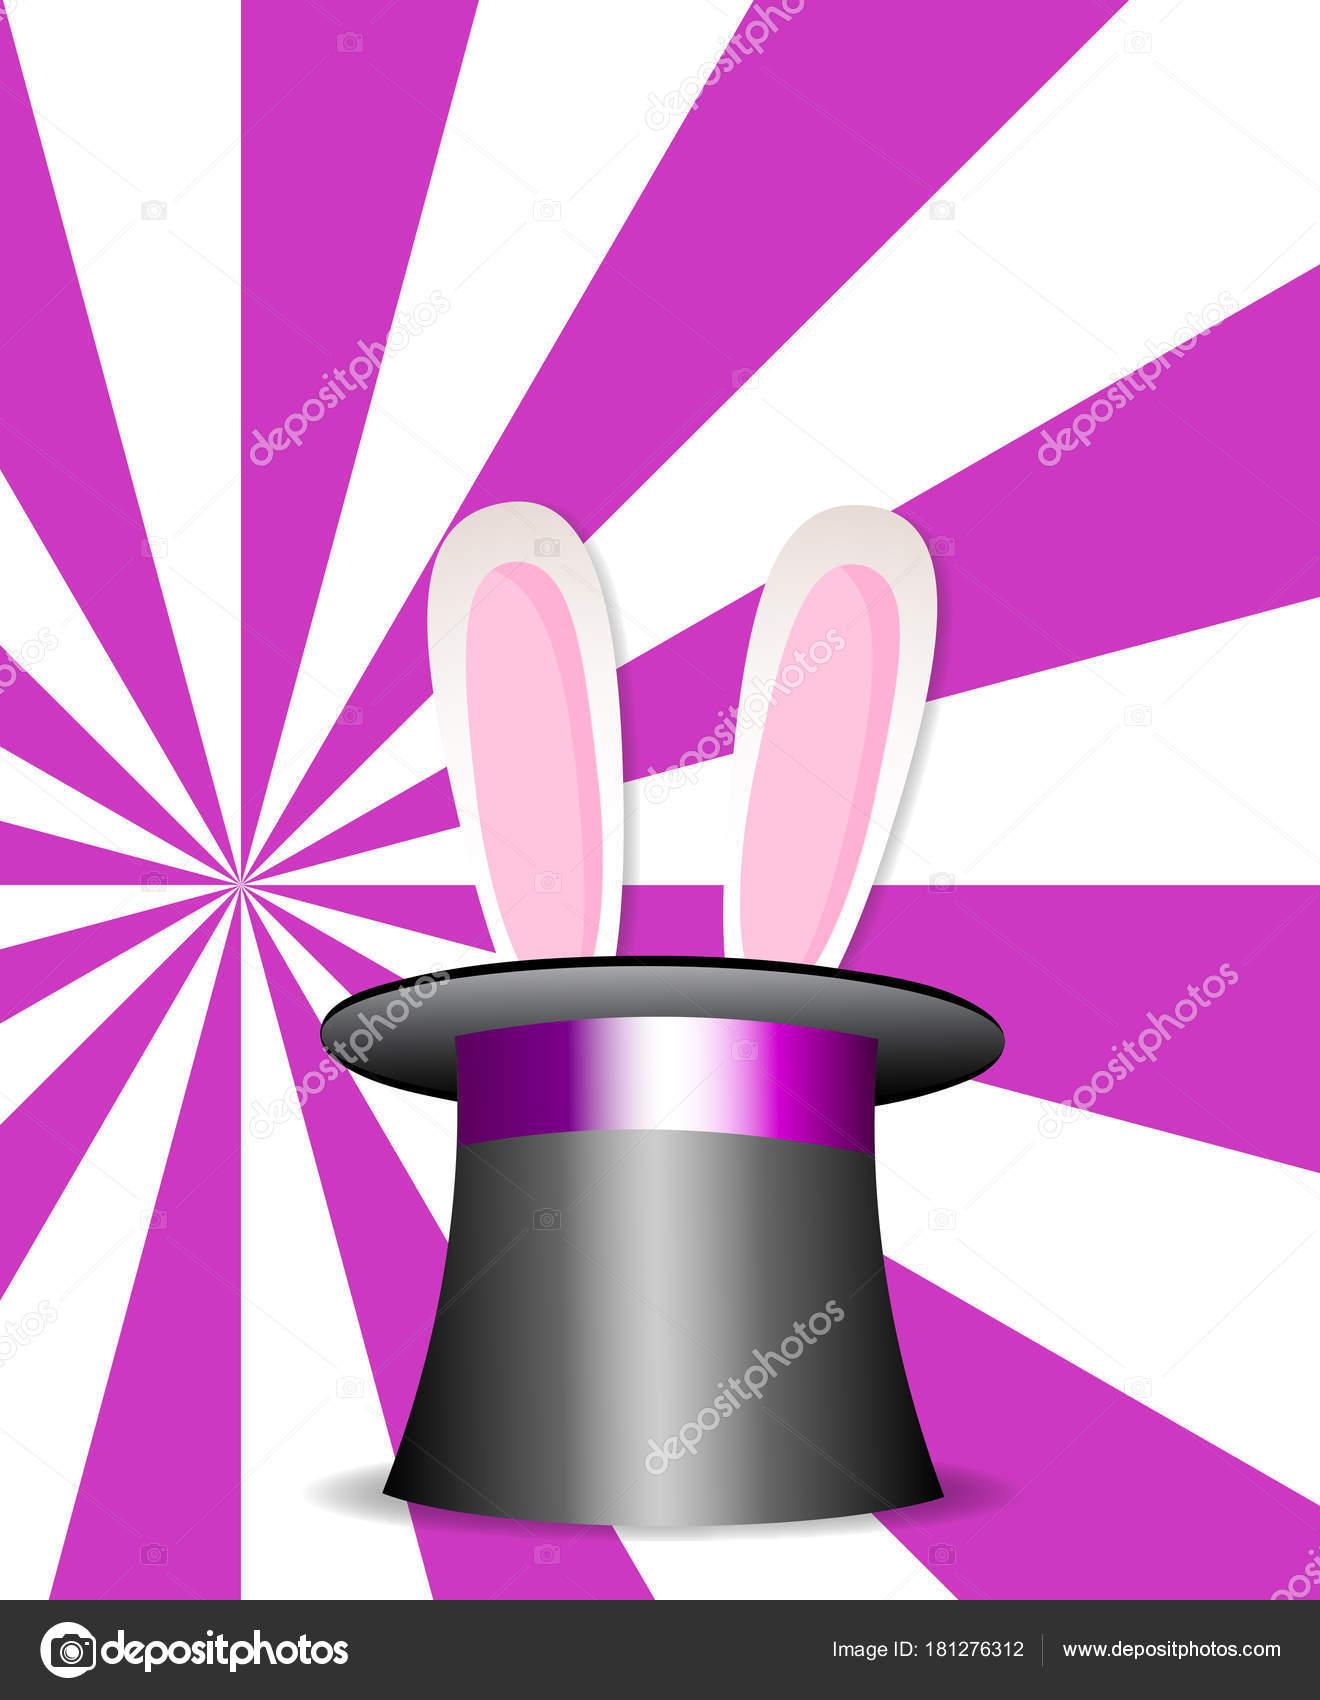 Magia sombrero con orejas de conejo en vibrante colores sunburst color rosa  y blanco los rayos de fondo. Cartel de la perfomance de show de magia. 34e82840eec